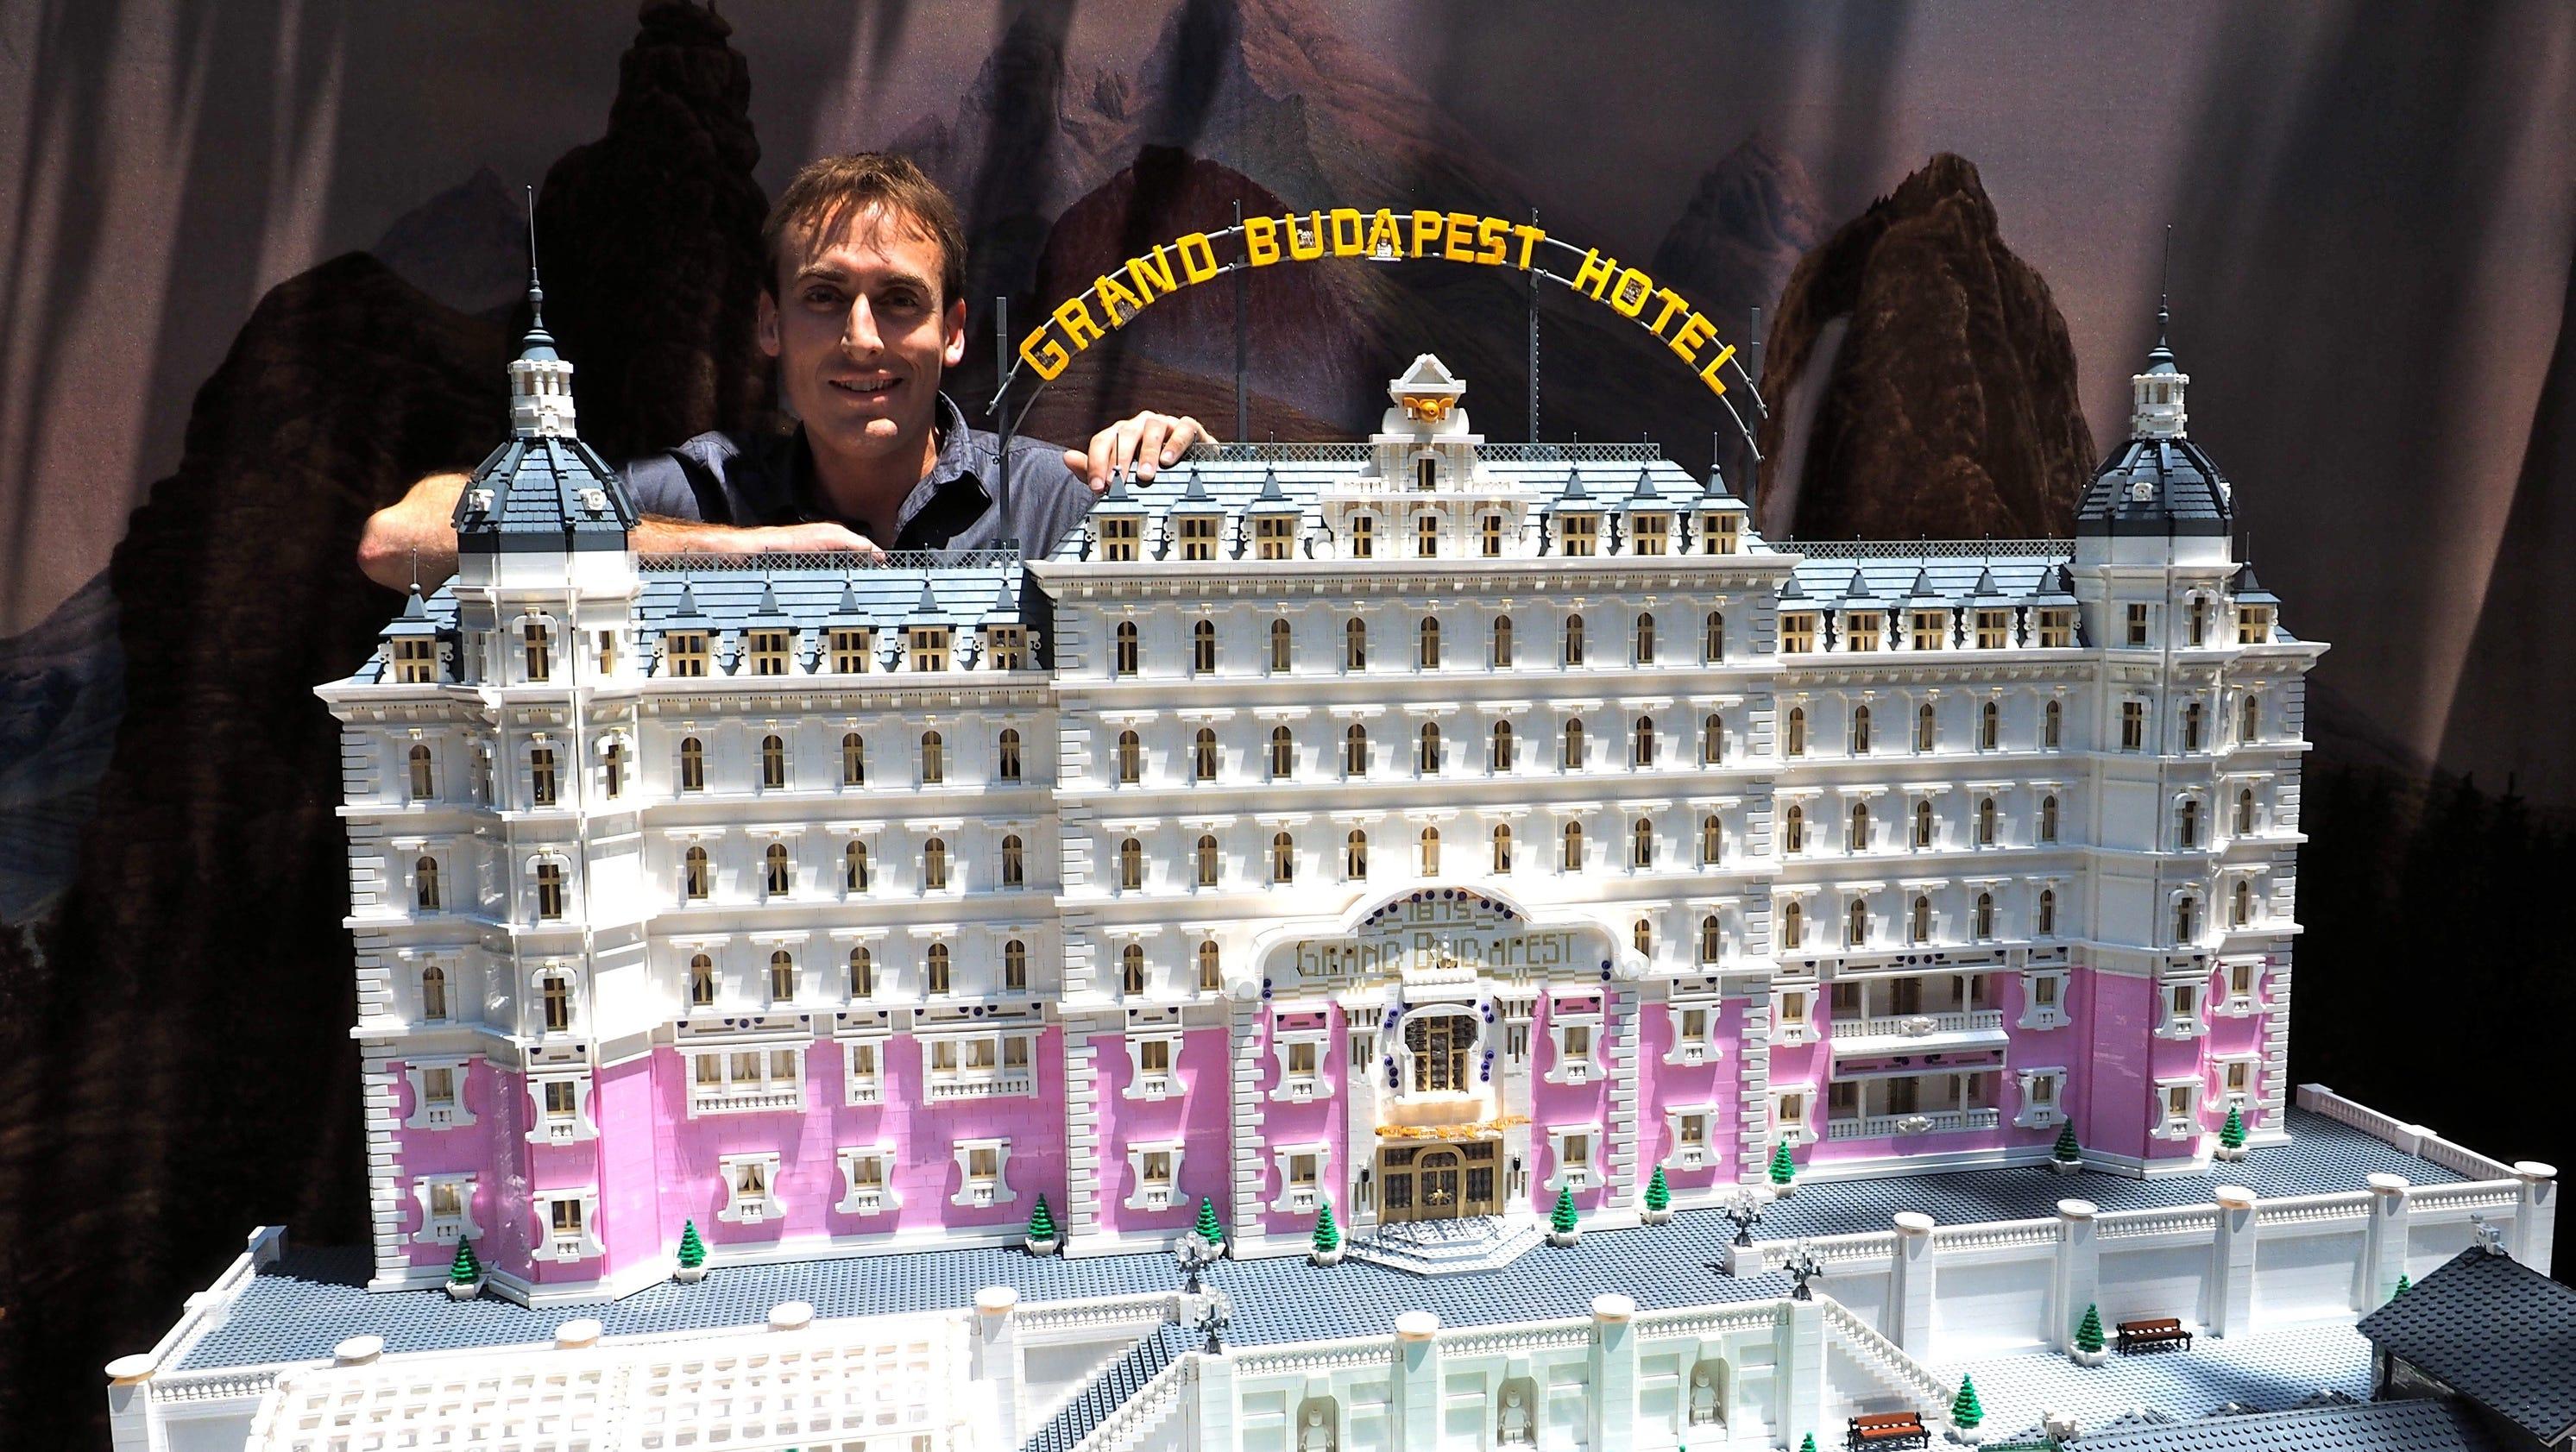 Grand Budapest Hotel Cda